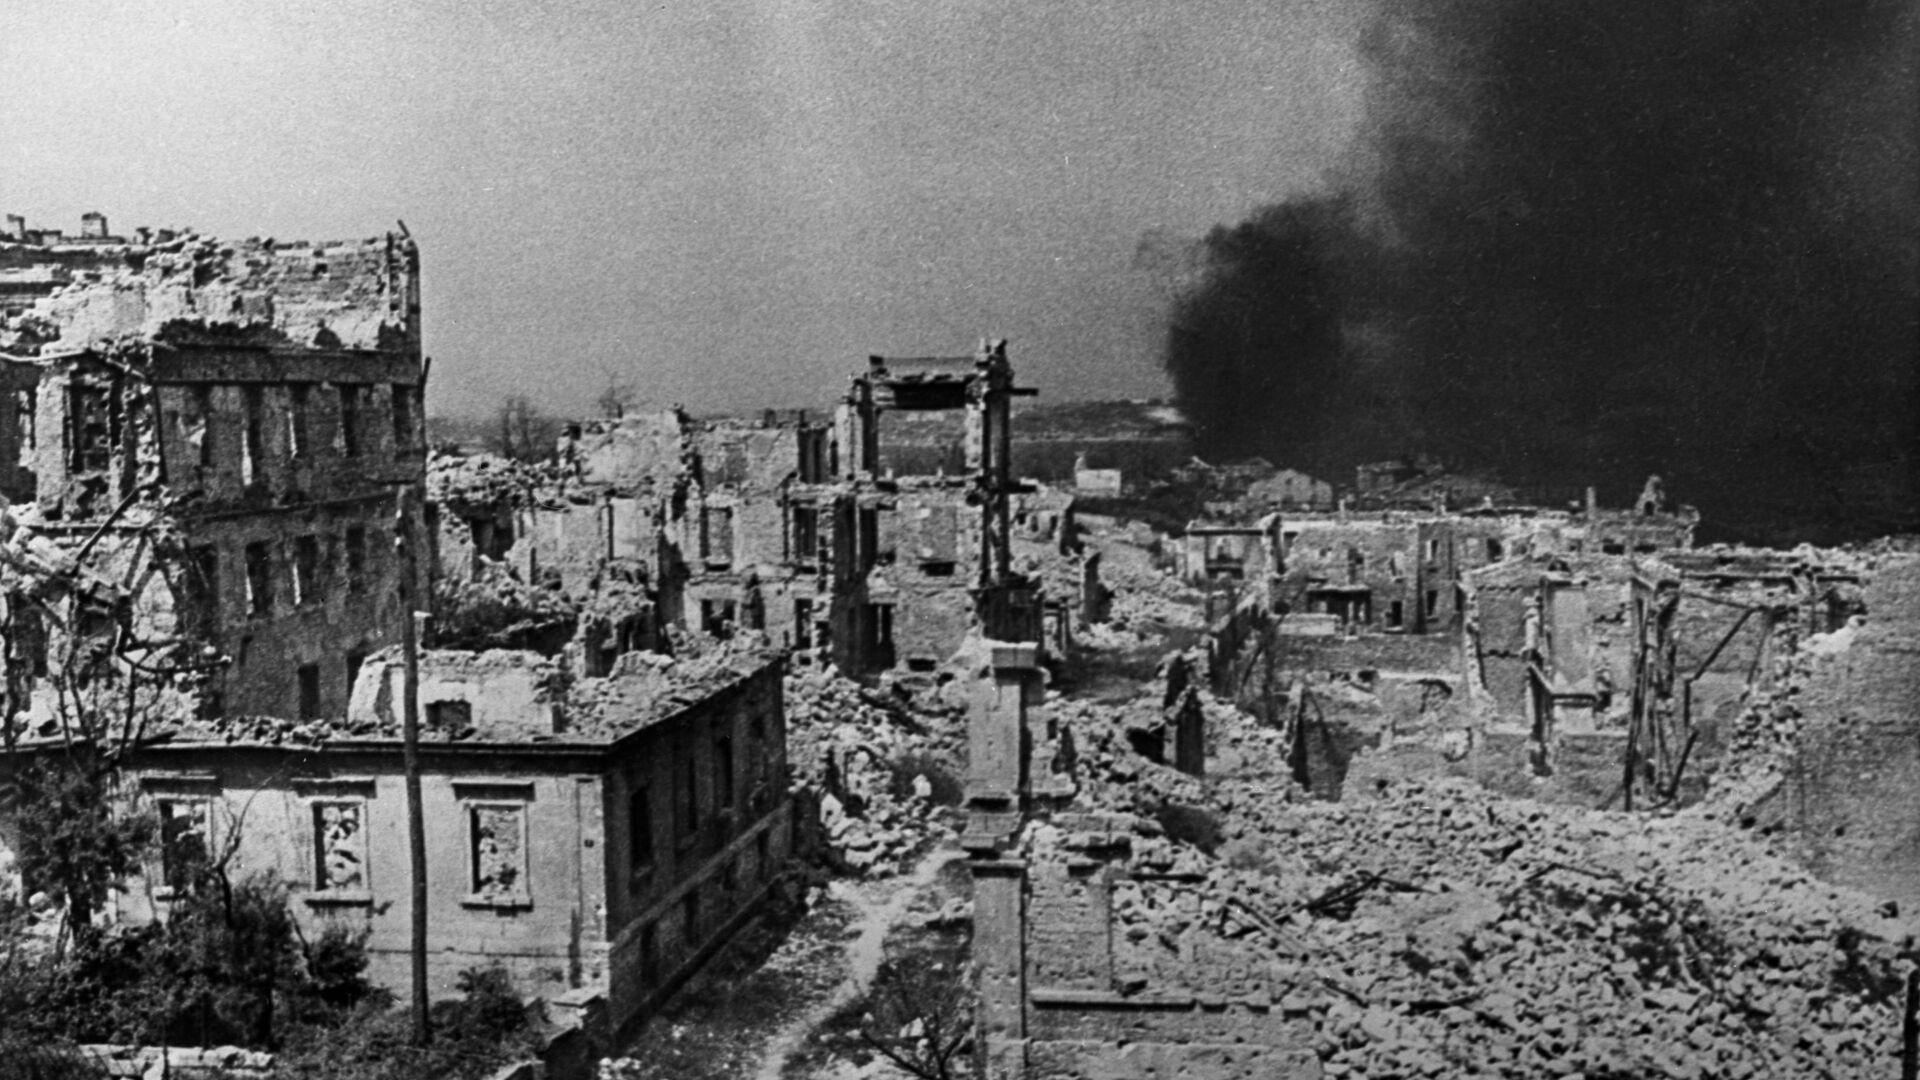 Thành phố Sevastopol sau vụ đánh bom, năm 1942. - Sputnik Việt Nam, 1920, 22.06.2021